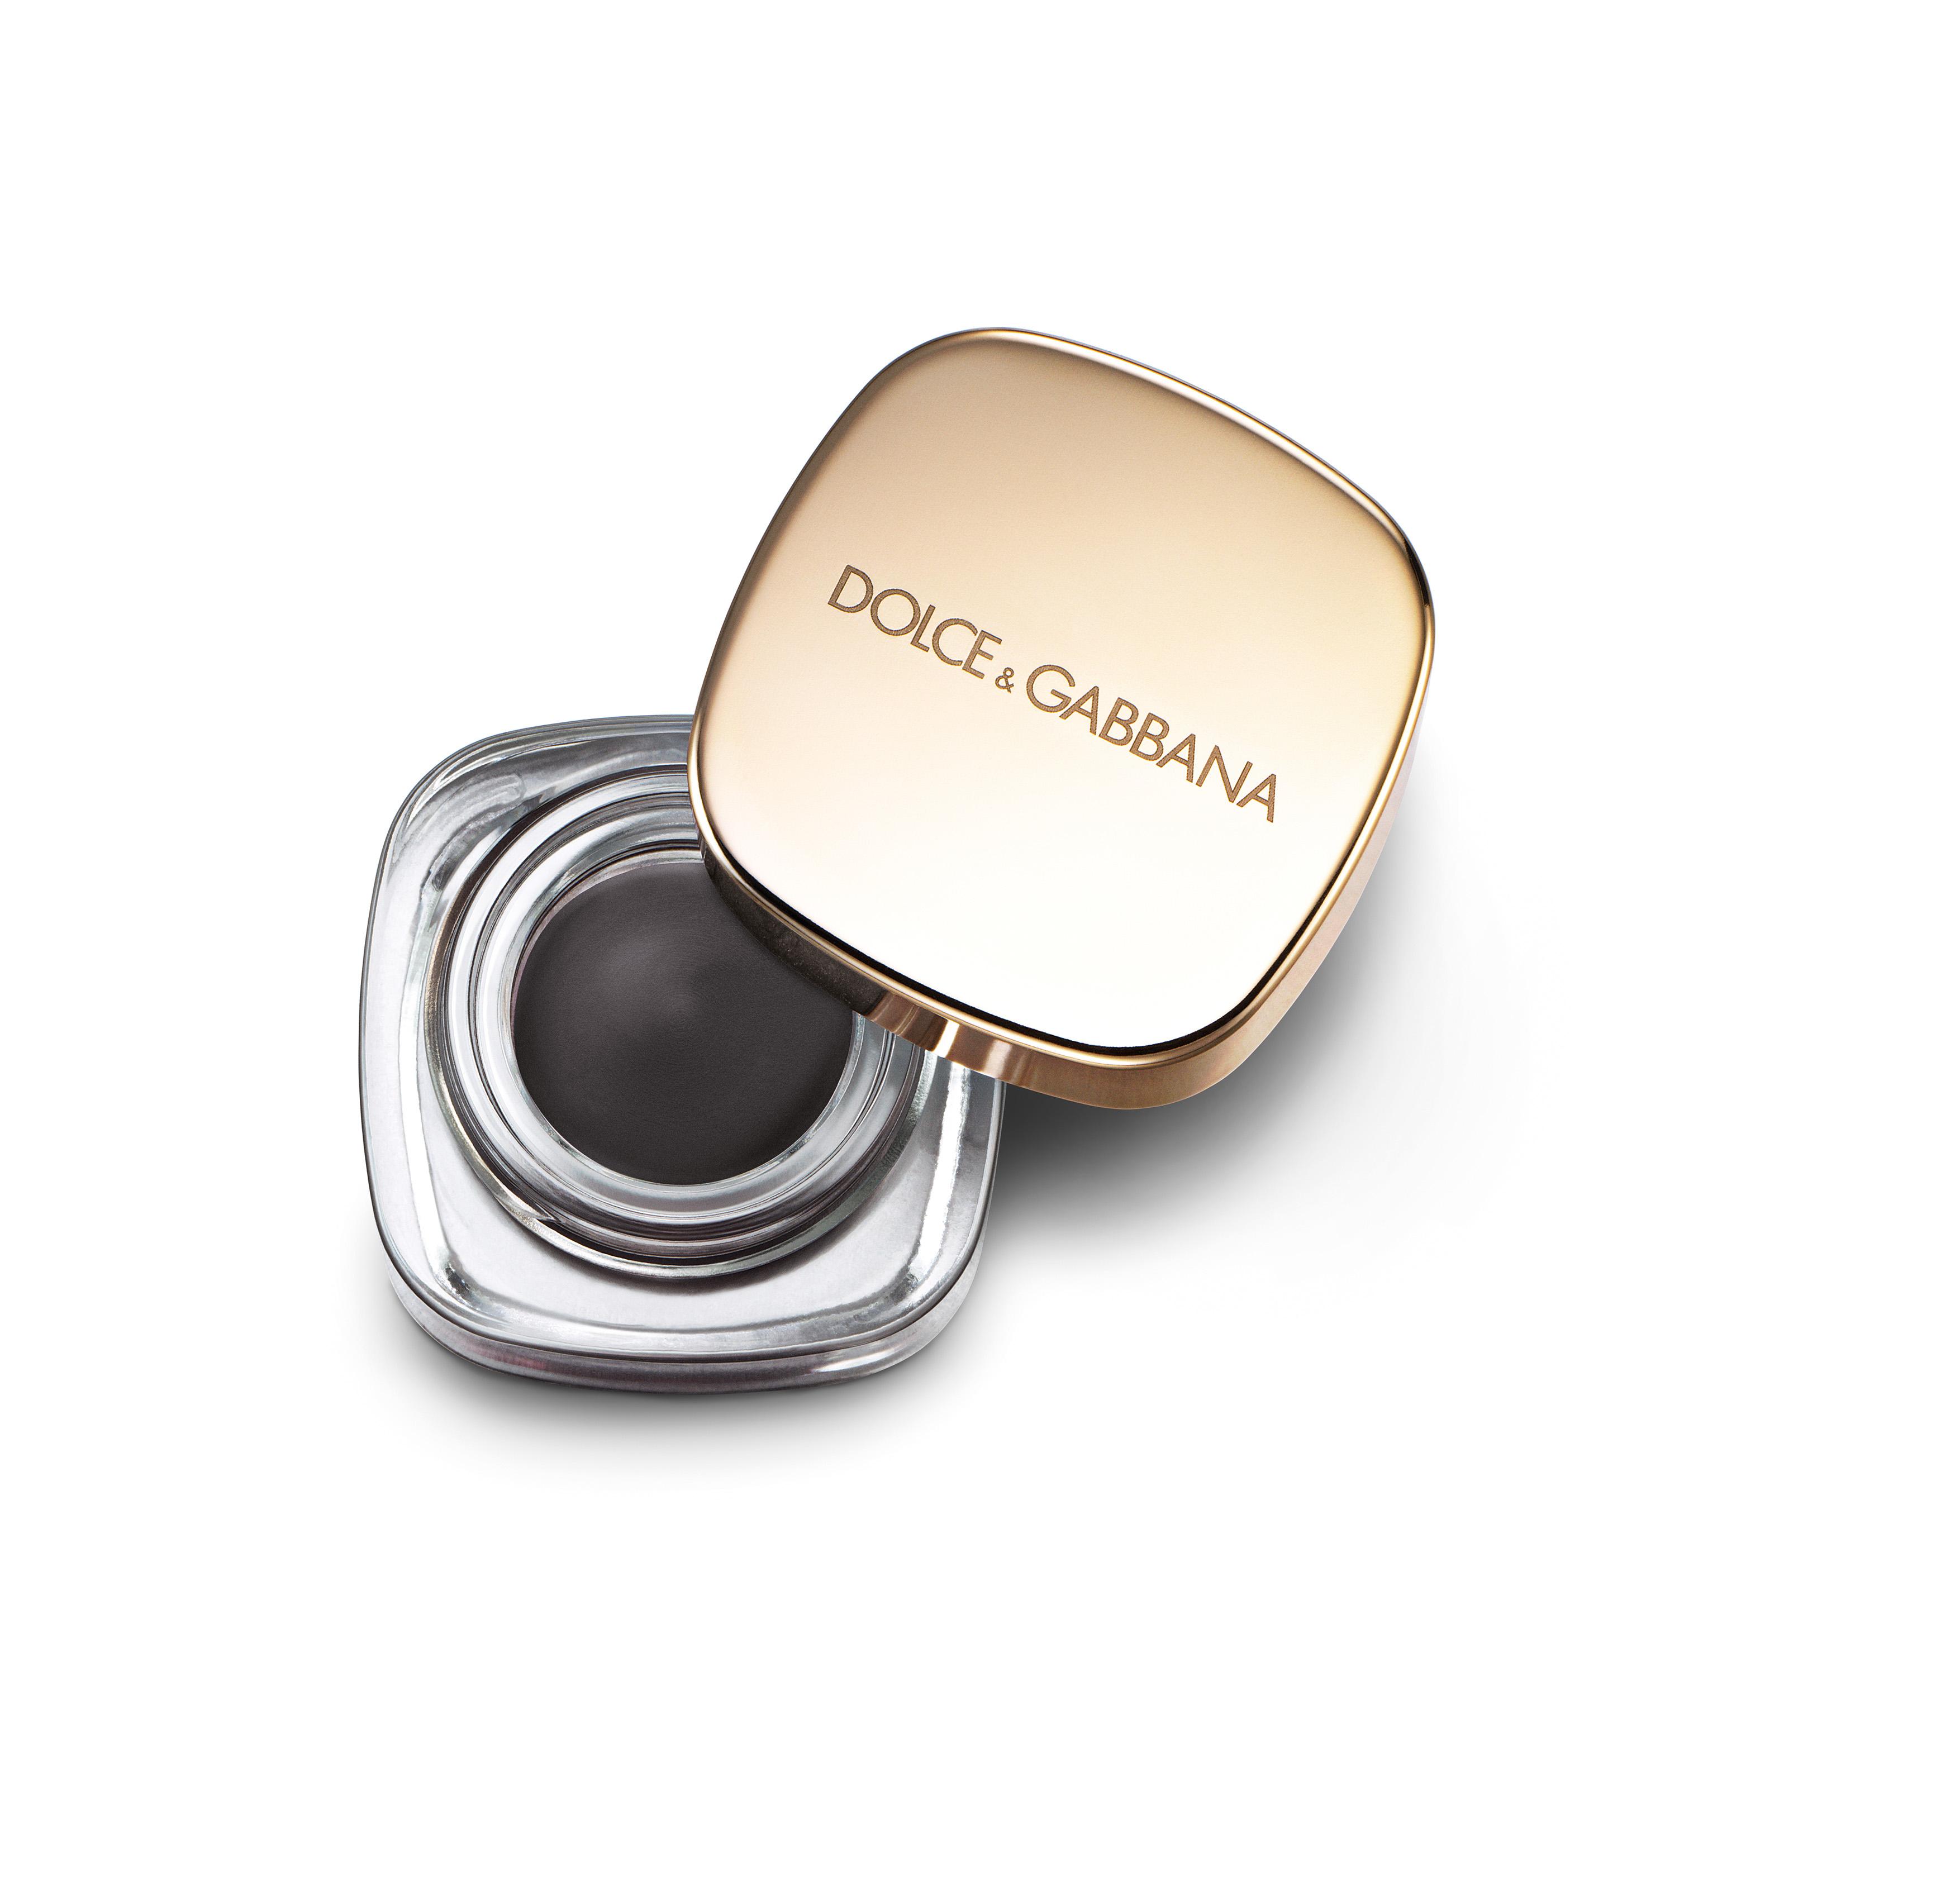 Dolce & Gabbana Perfect Mono Lava 140